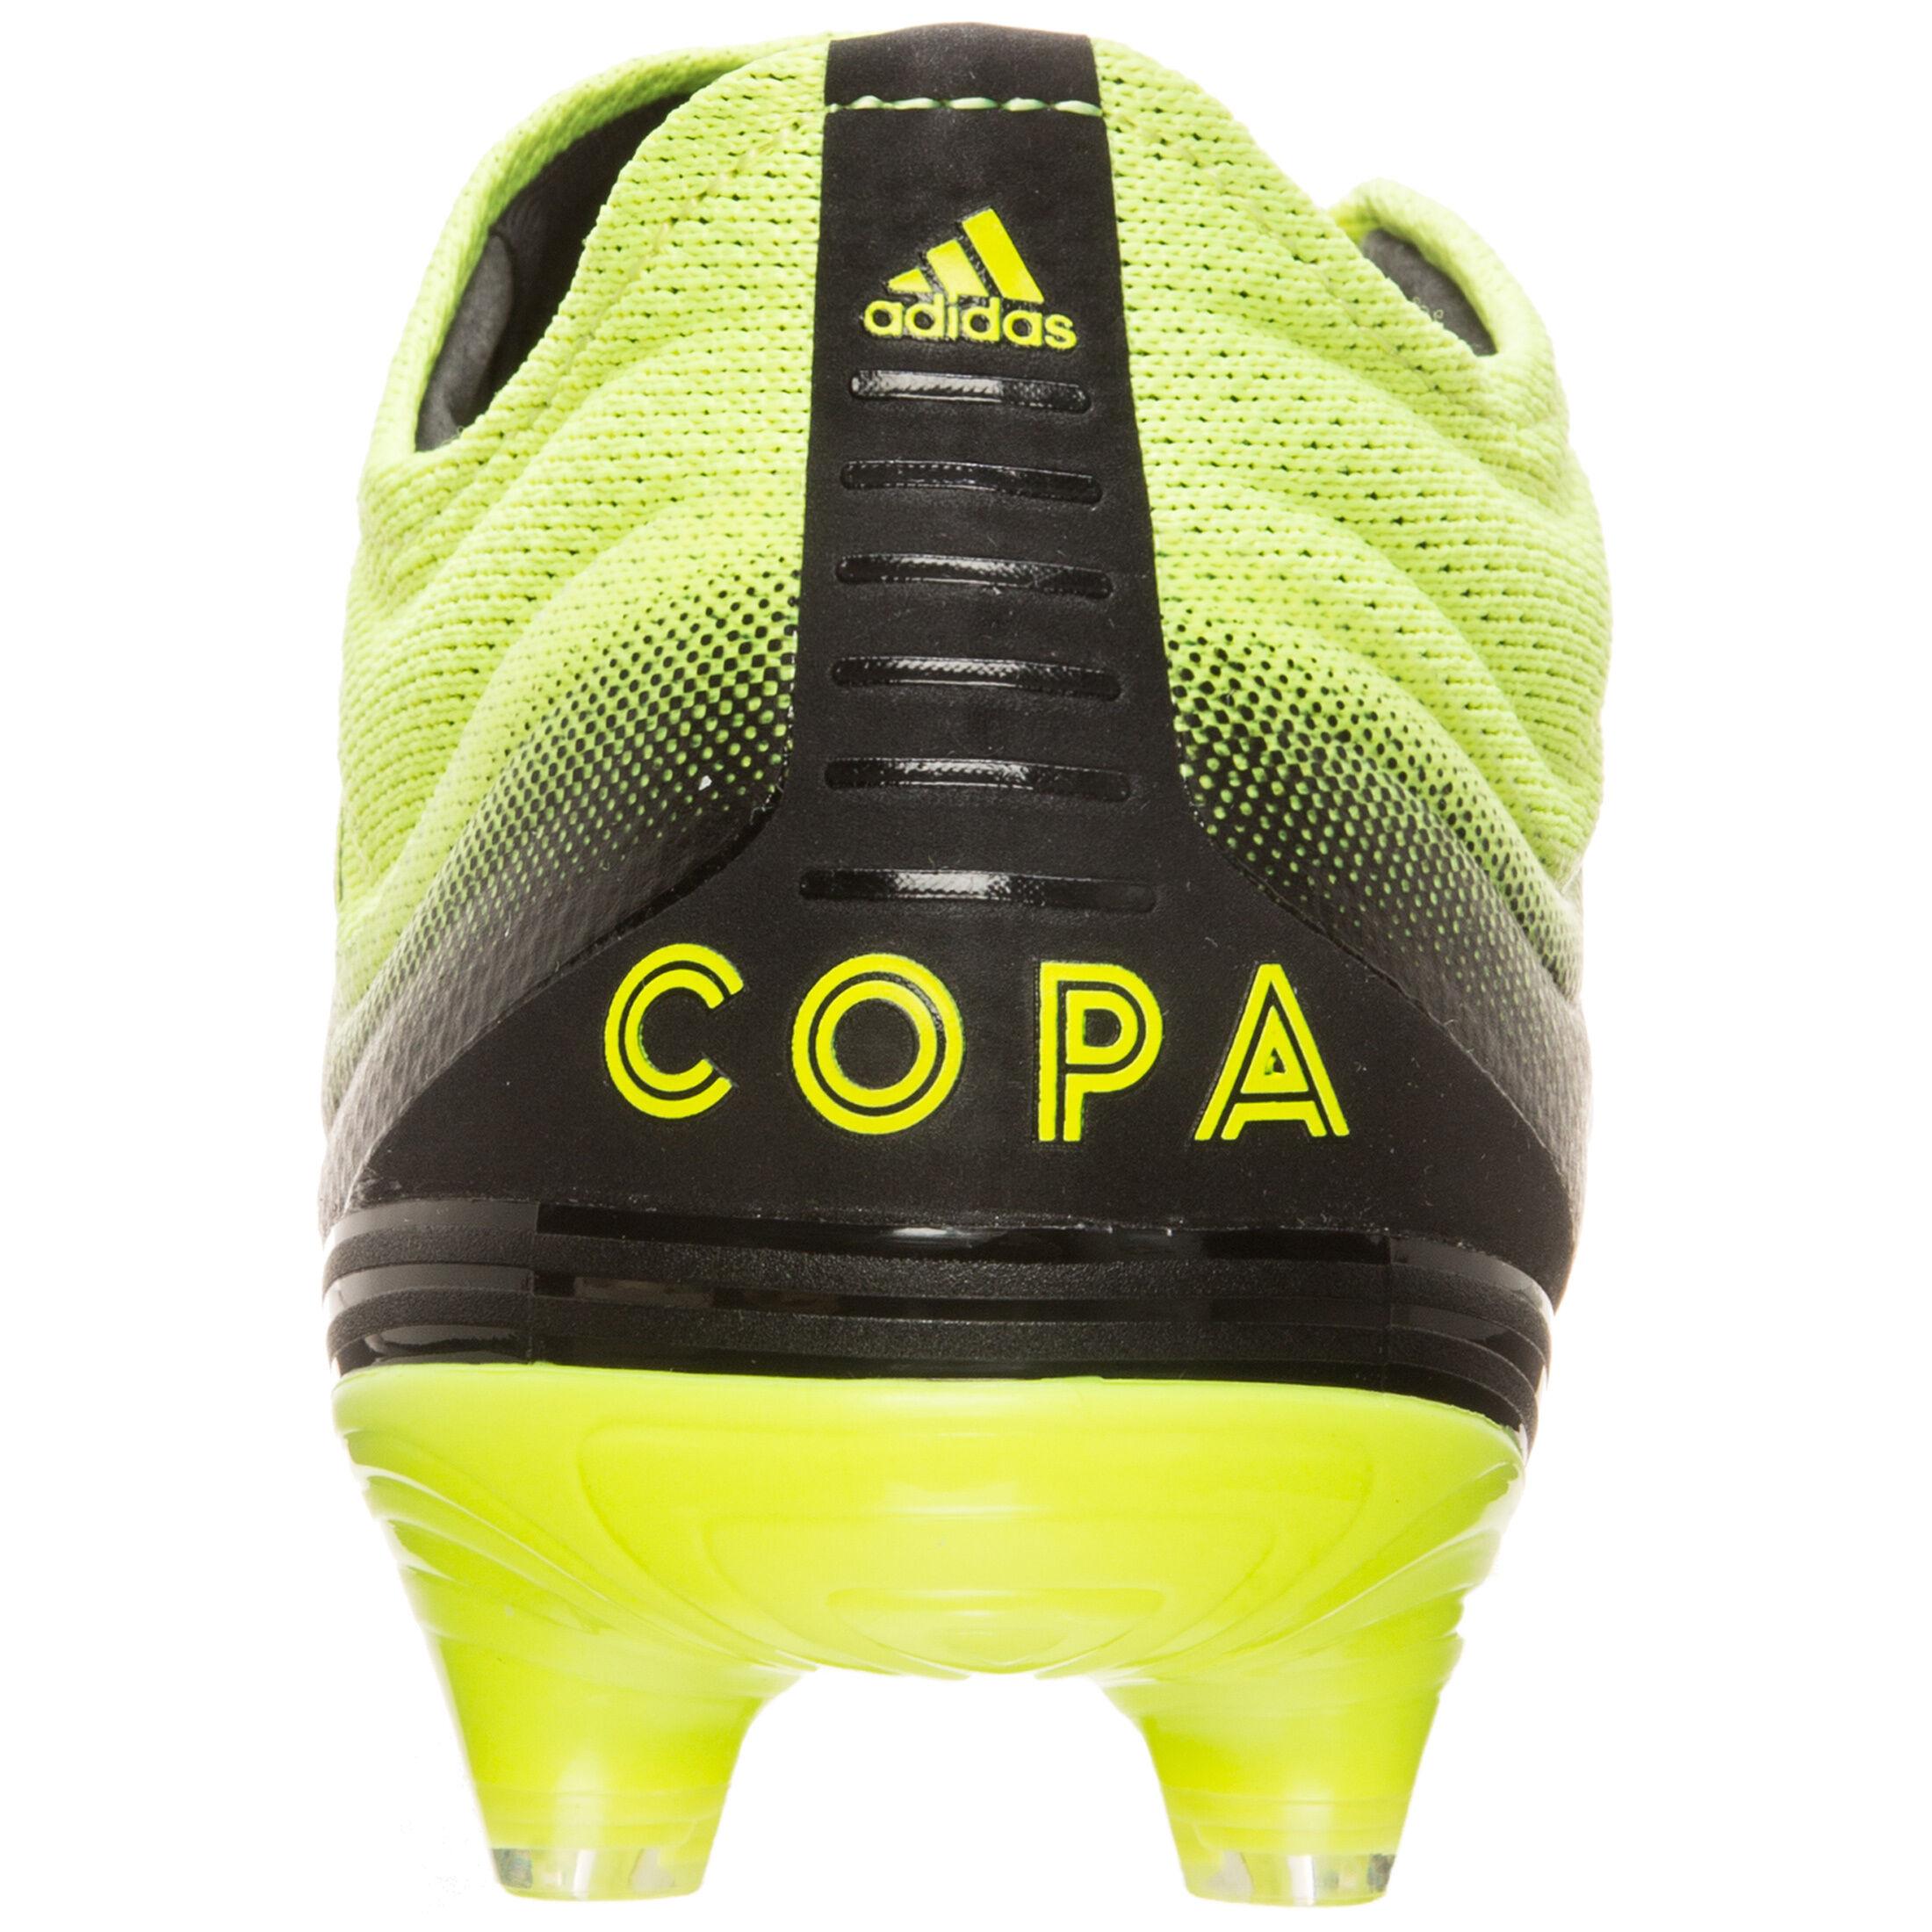 adidas Performance Copa 19.1 FG Fußballschuh Herren bei